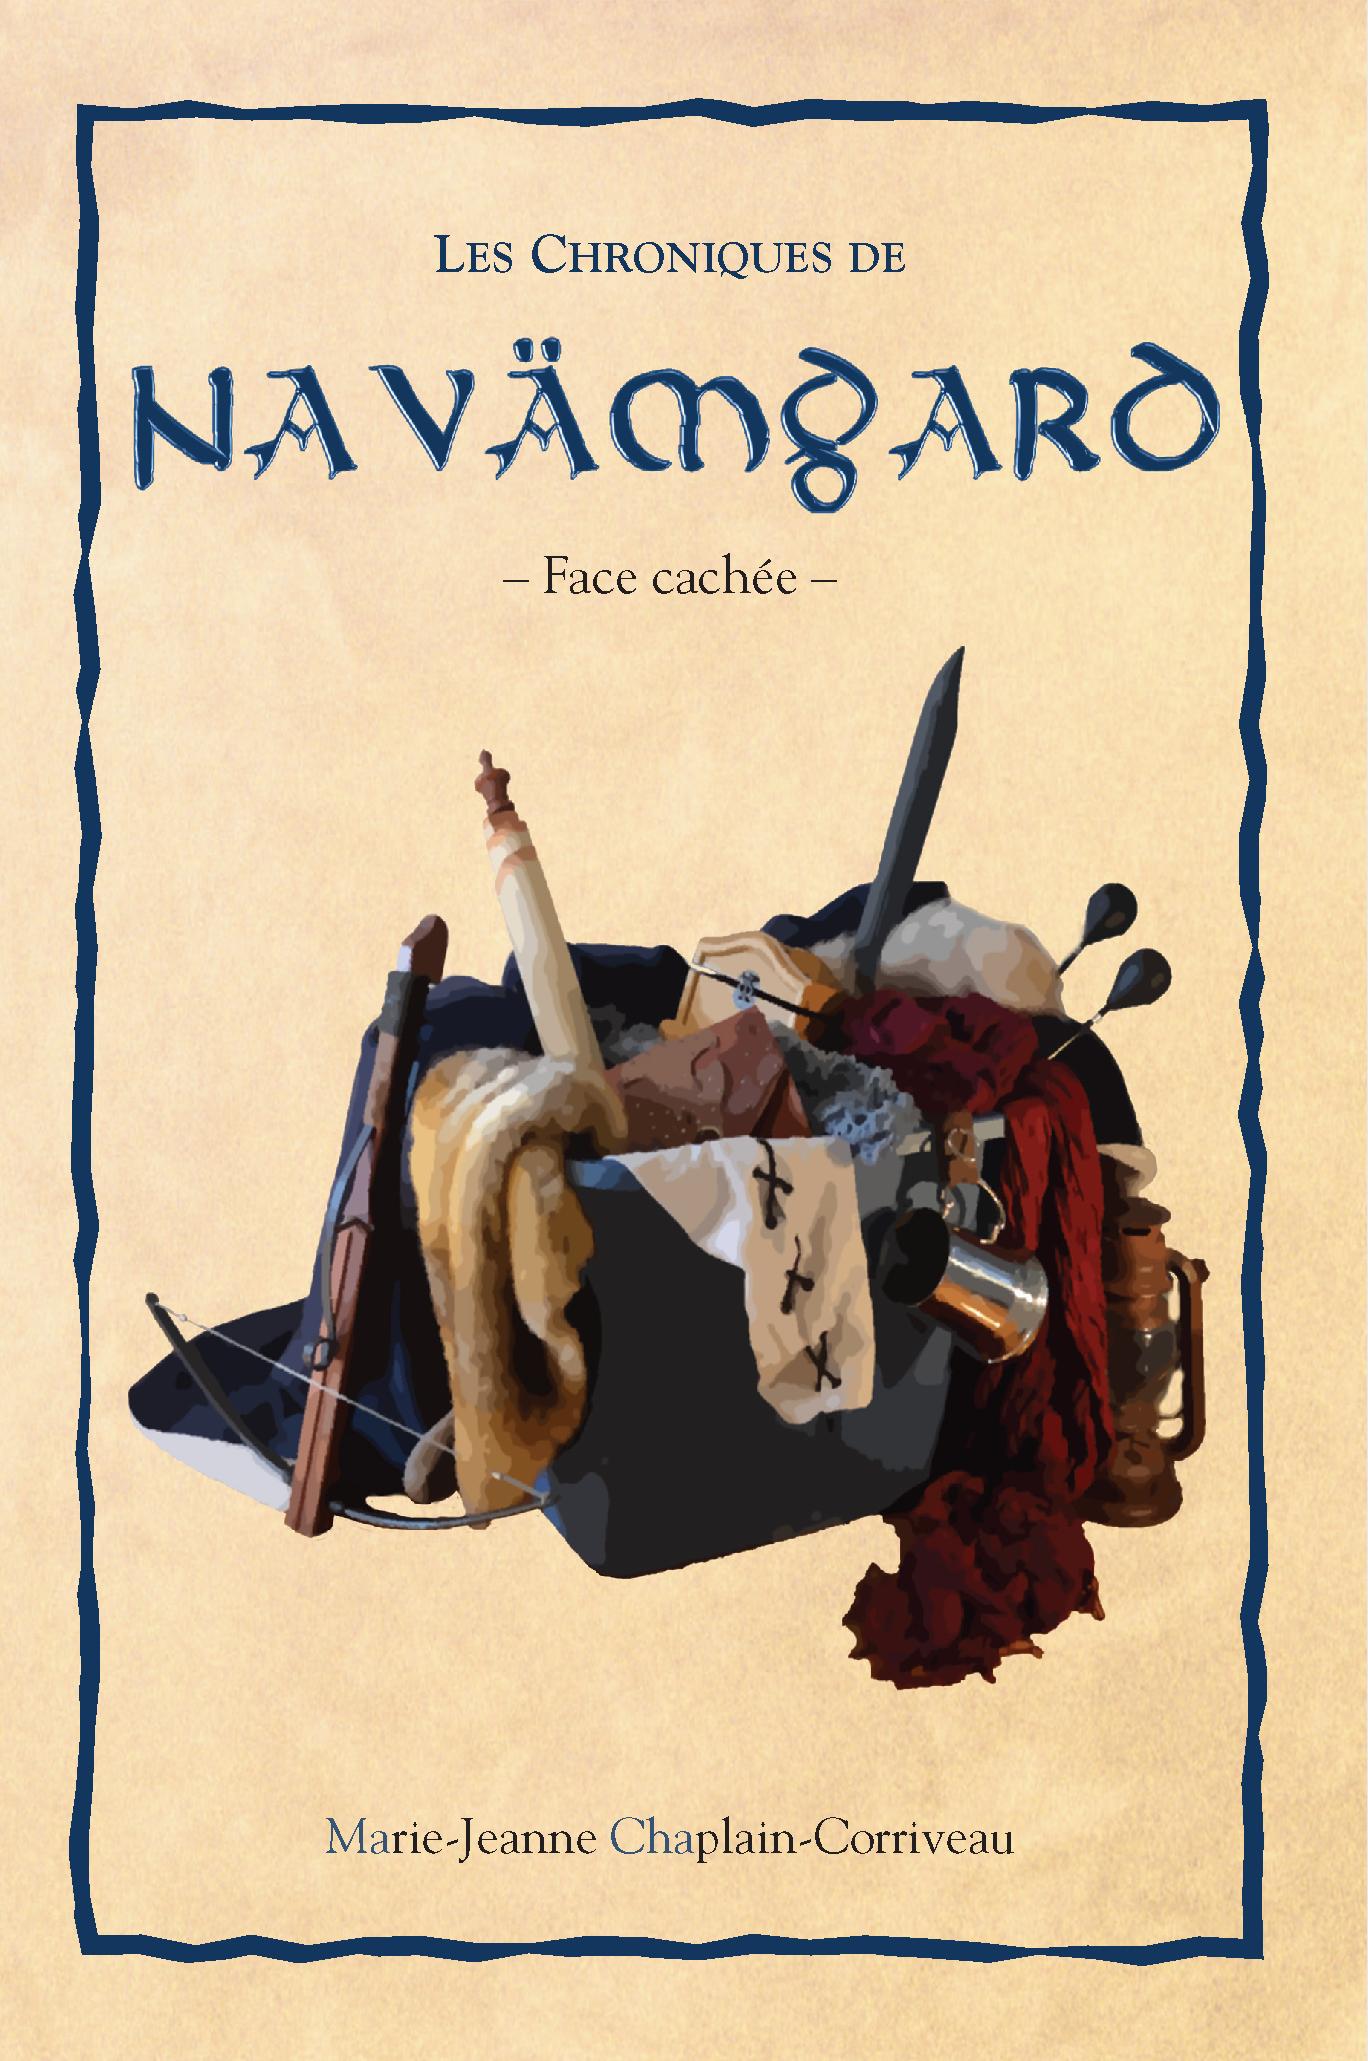 Les Chroniques de Navämgard - Face cachée